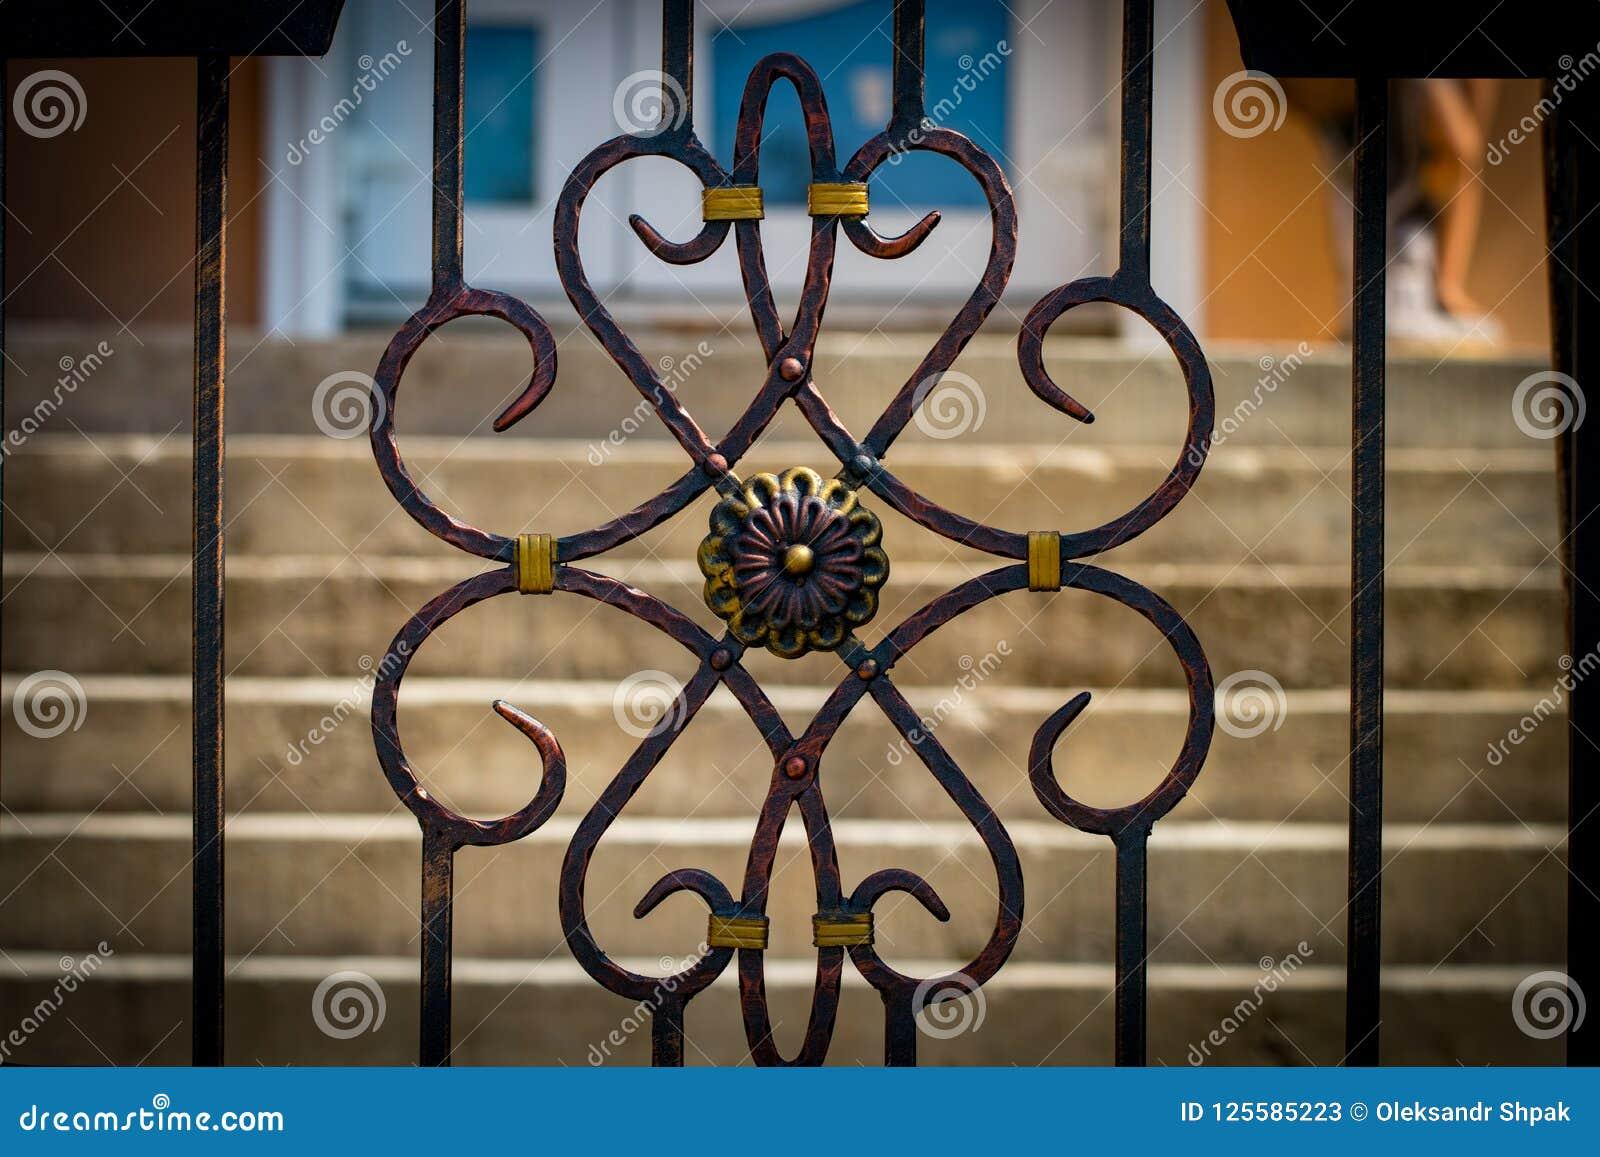 As portas do ferro forjado, forjamento decorativo, clos forjados dos elementos